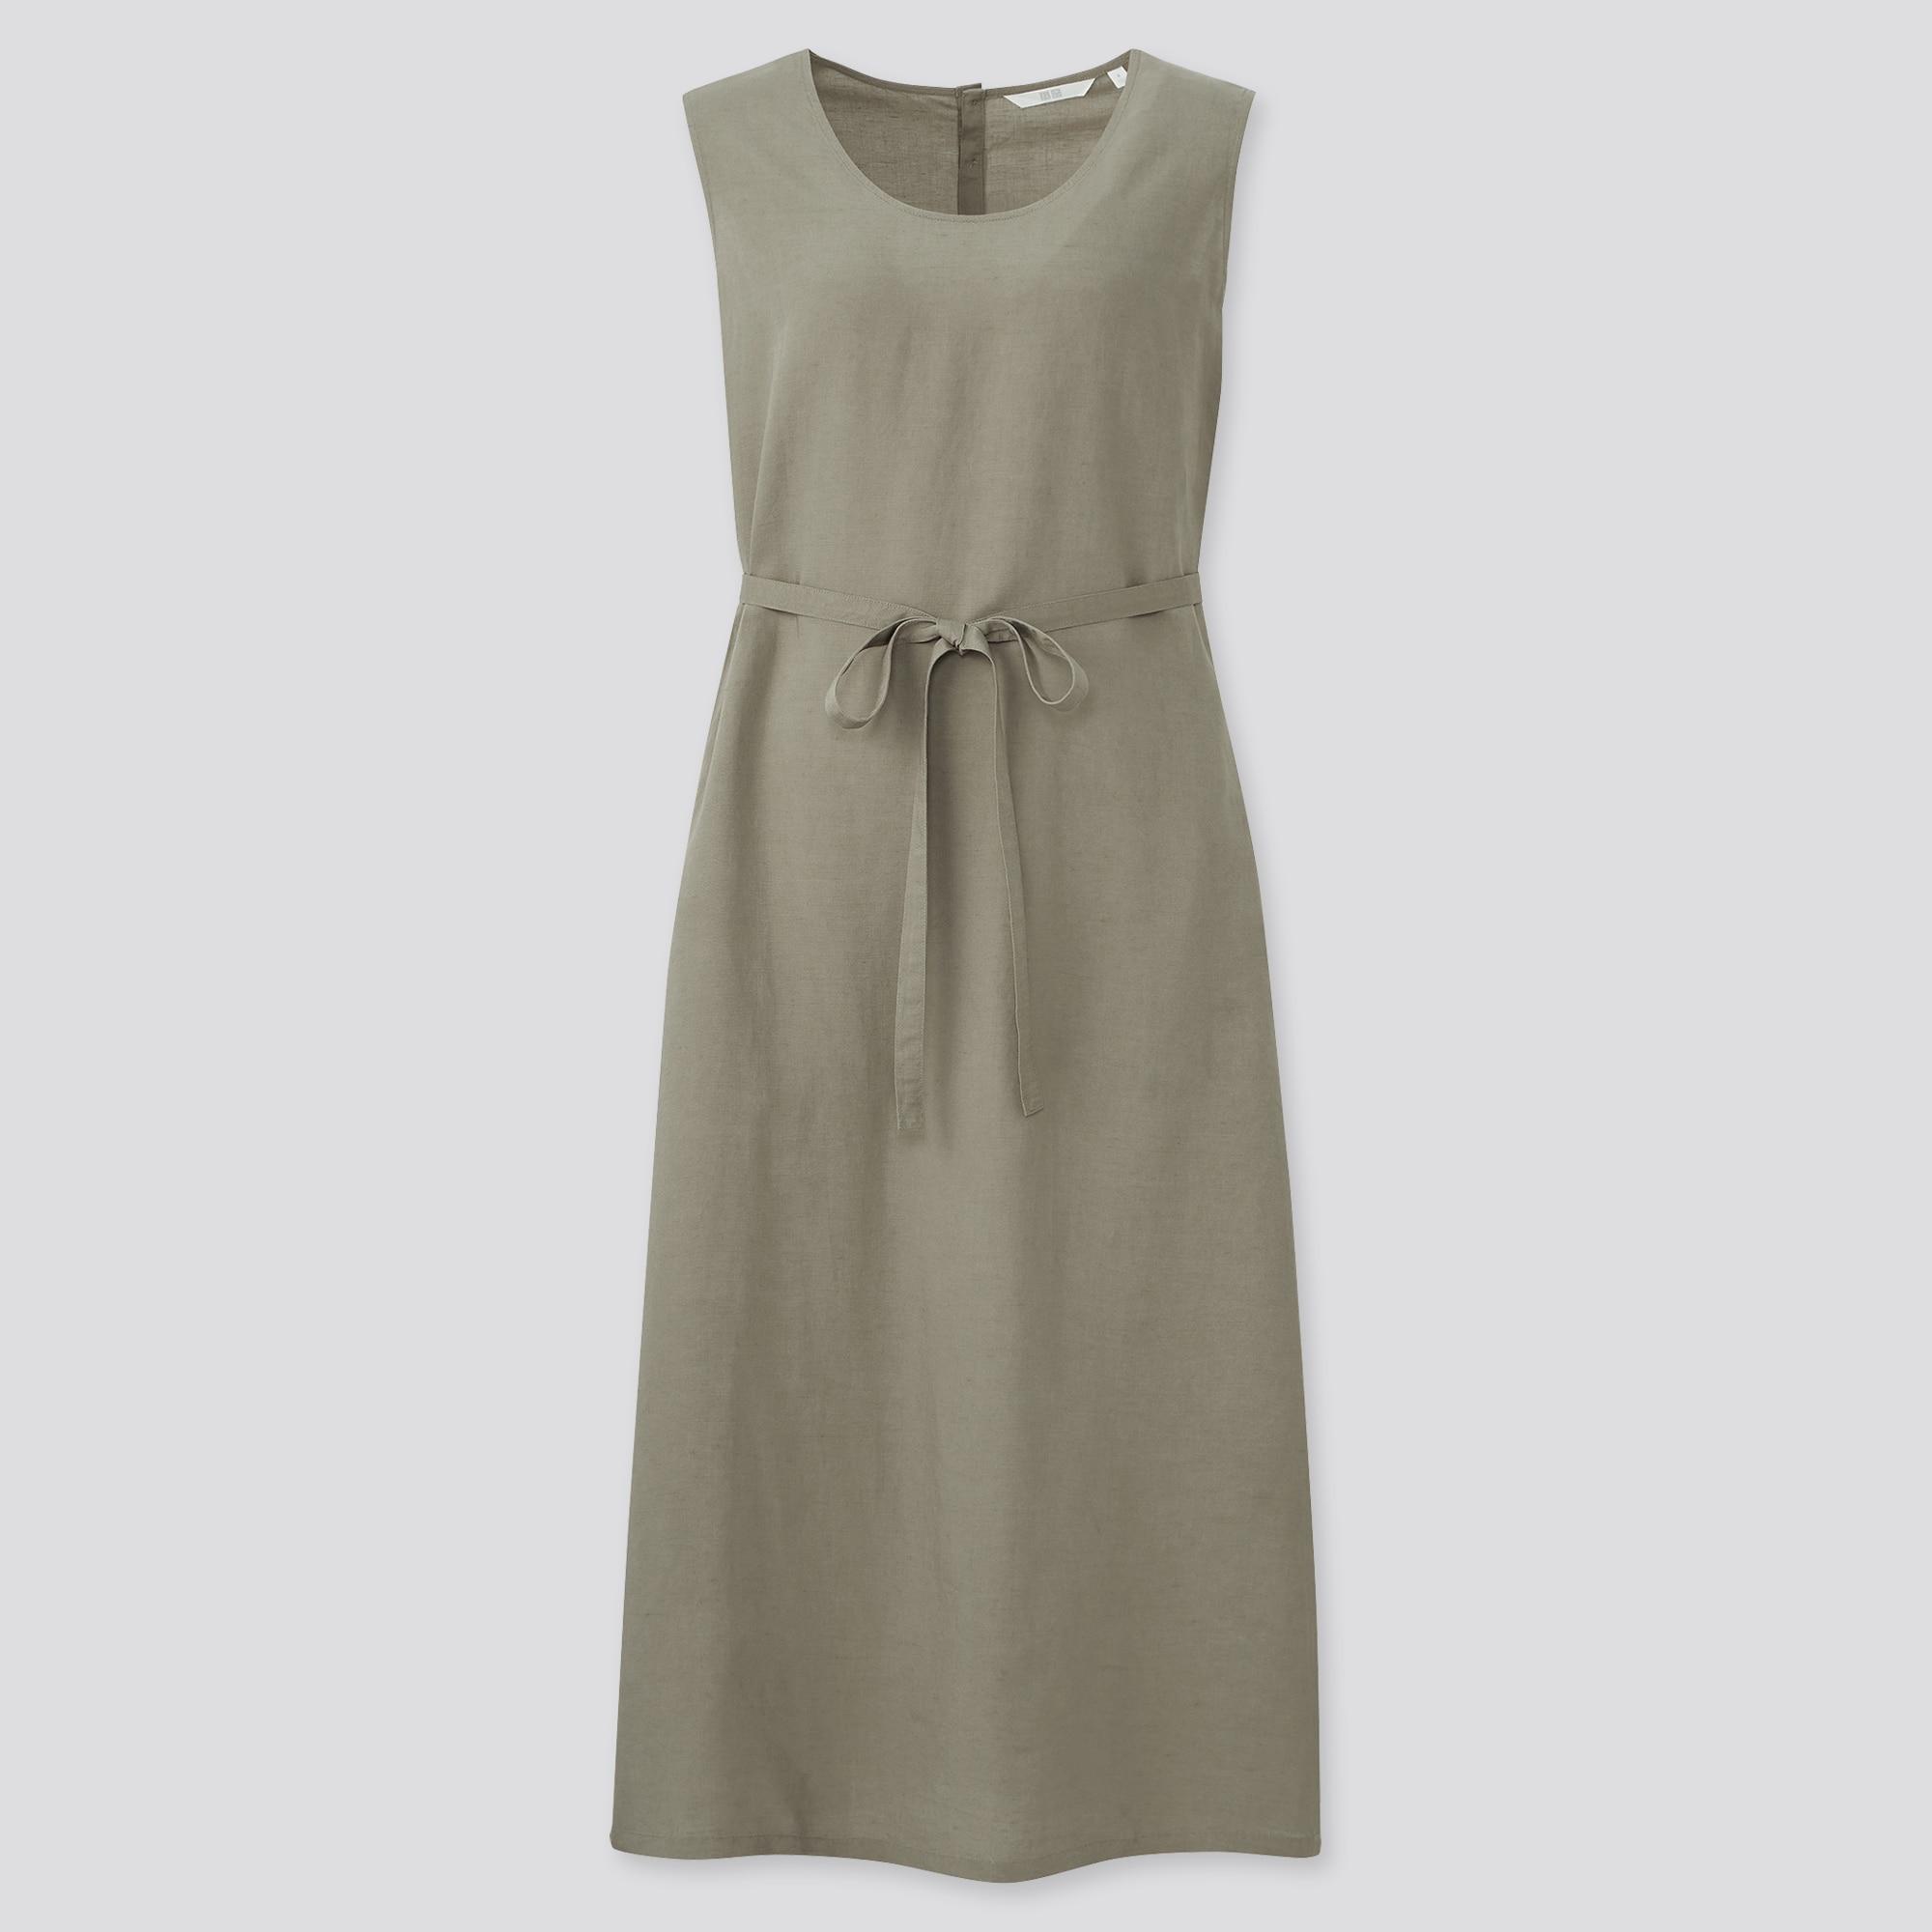 WOMEN LINEN-BLEND SLEEVELESS A-LINE LONG DRESS